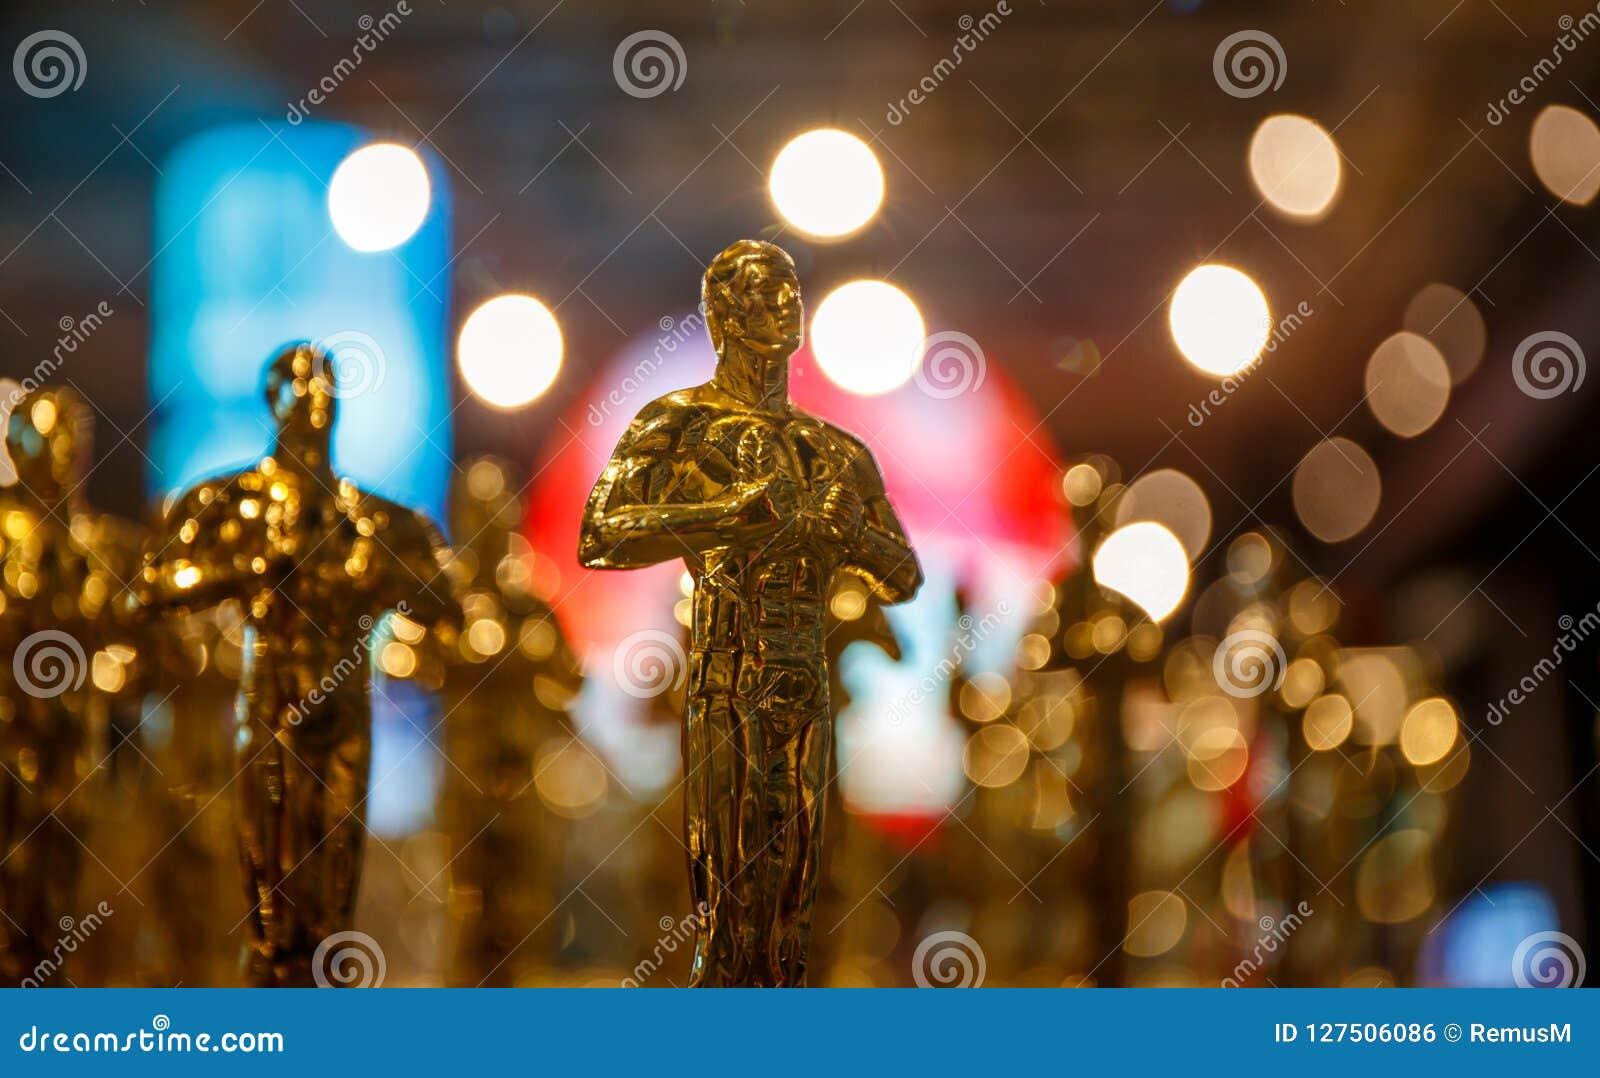 Oscar-Preisträger sind angekündigt worden!